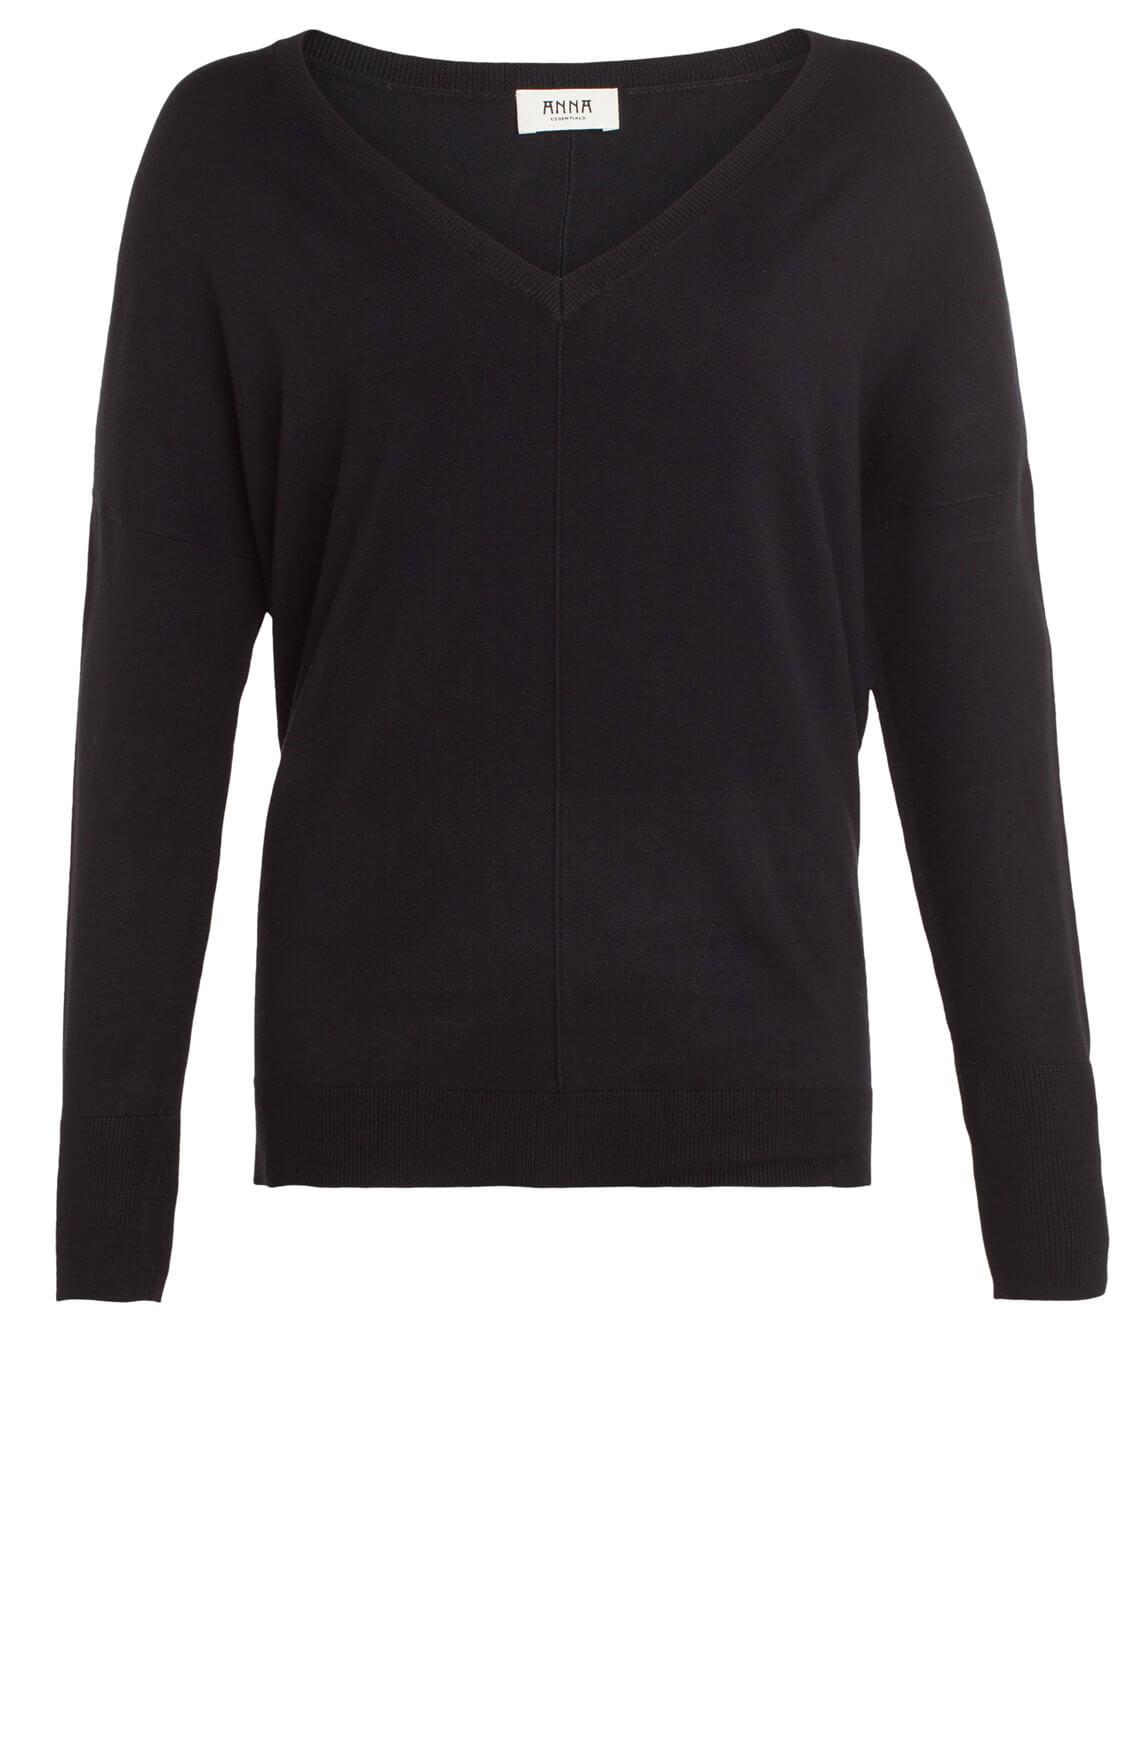 Anna Dames Pullover met v-hals zwart